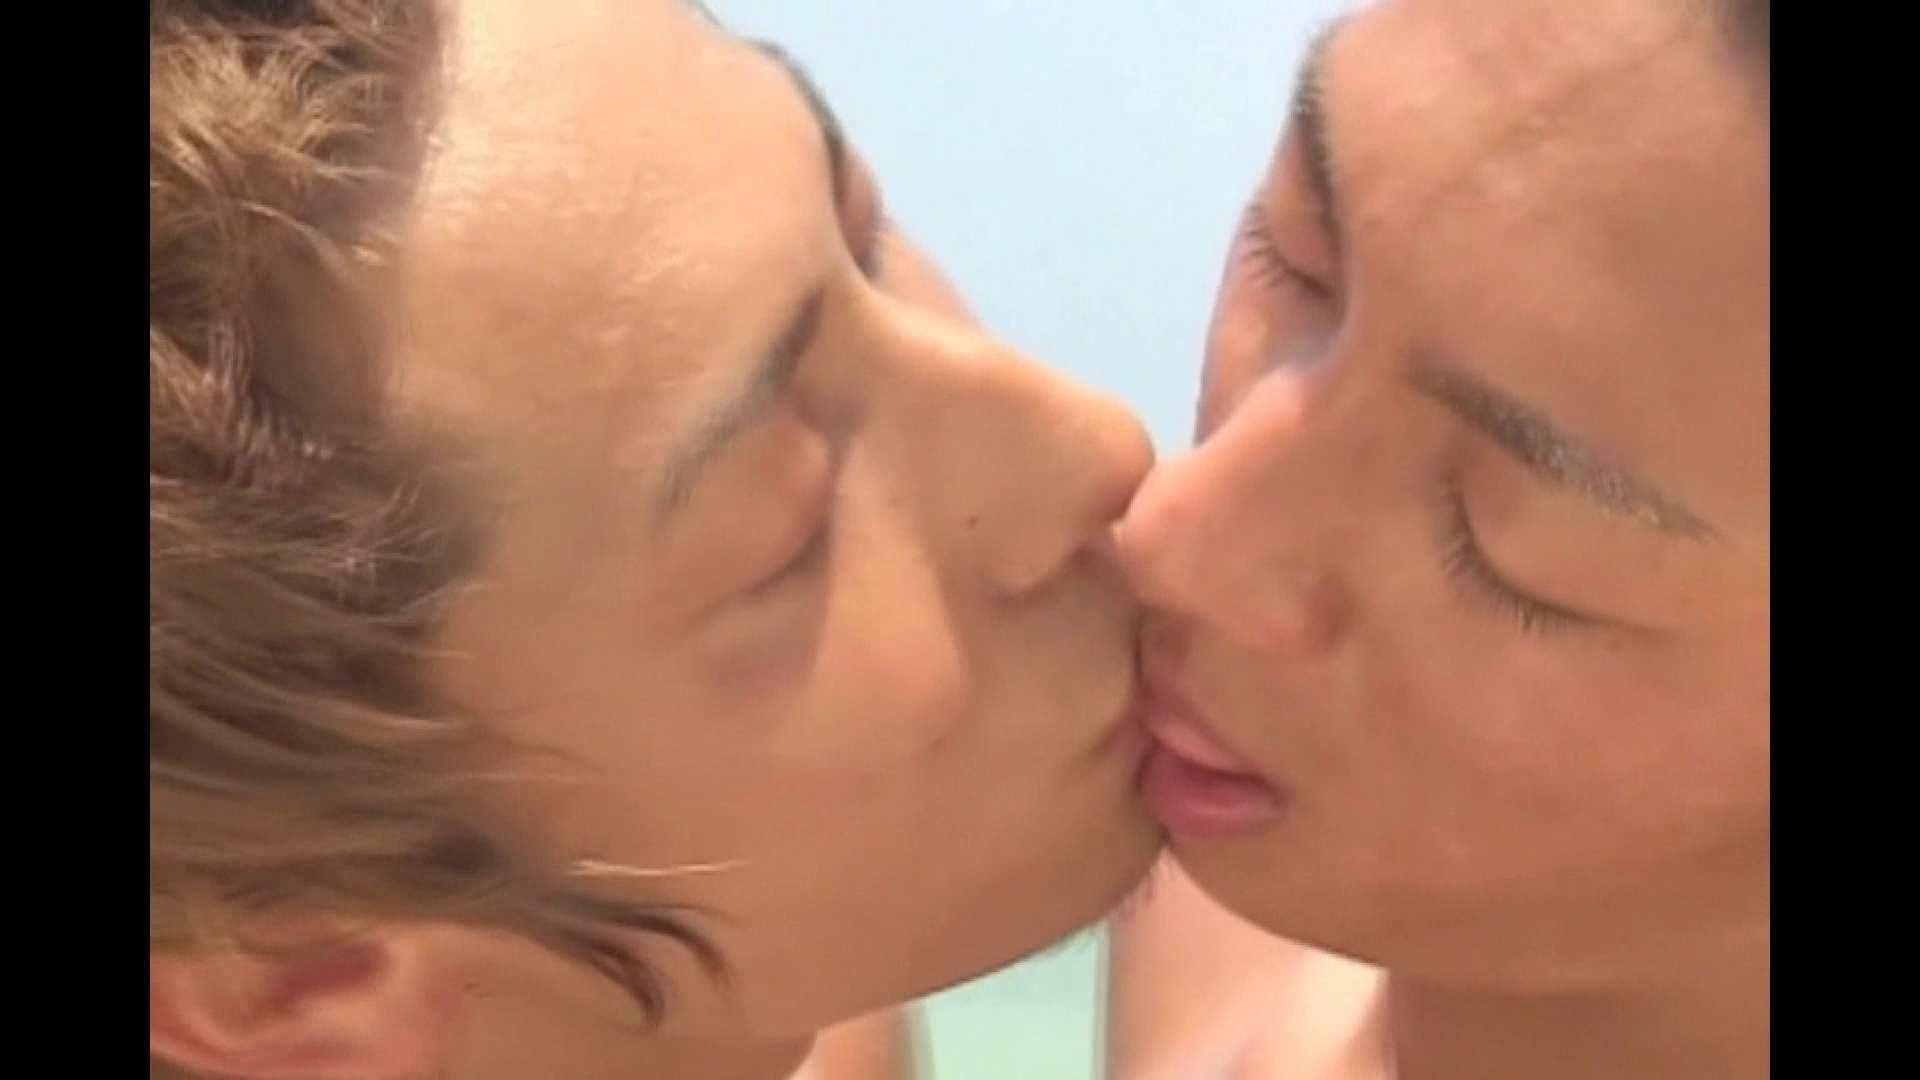 ノンケイケメンの欲望と肉棒 Vol.1 イケメンのsex | セックス  107pic 43